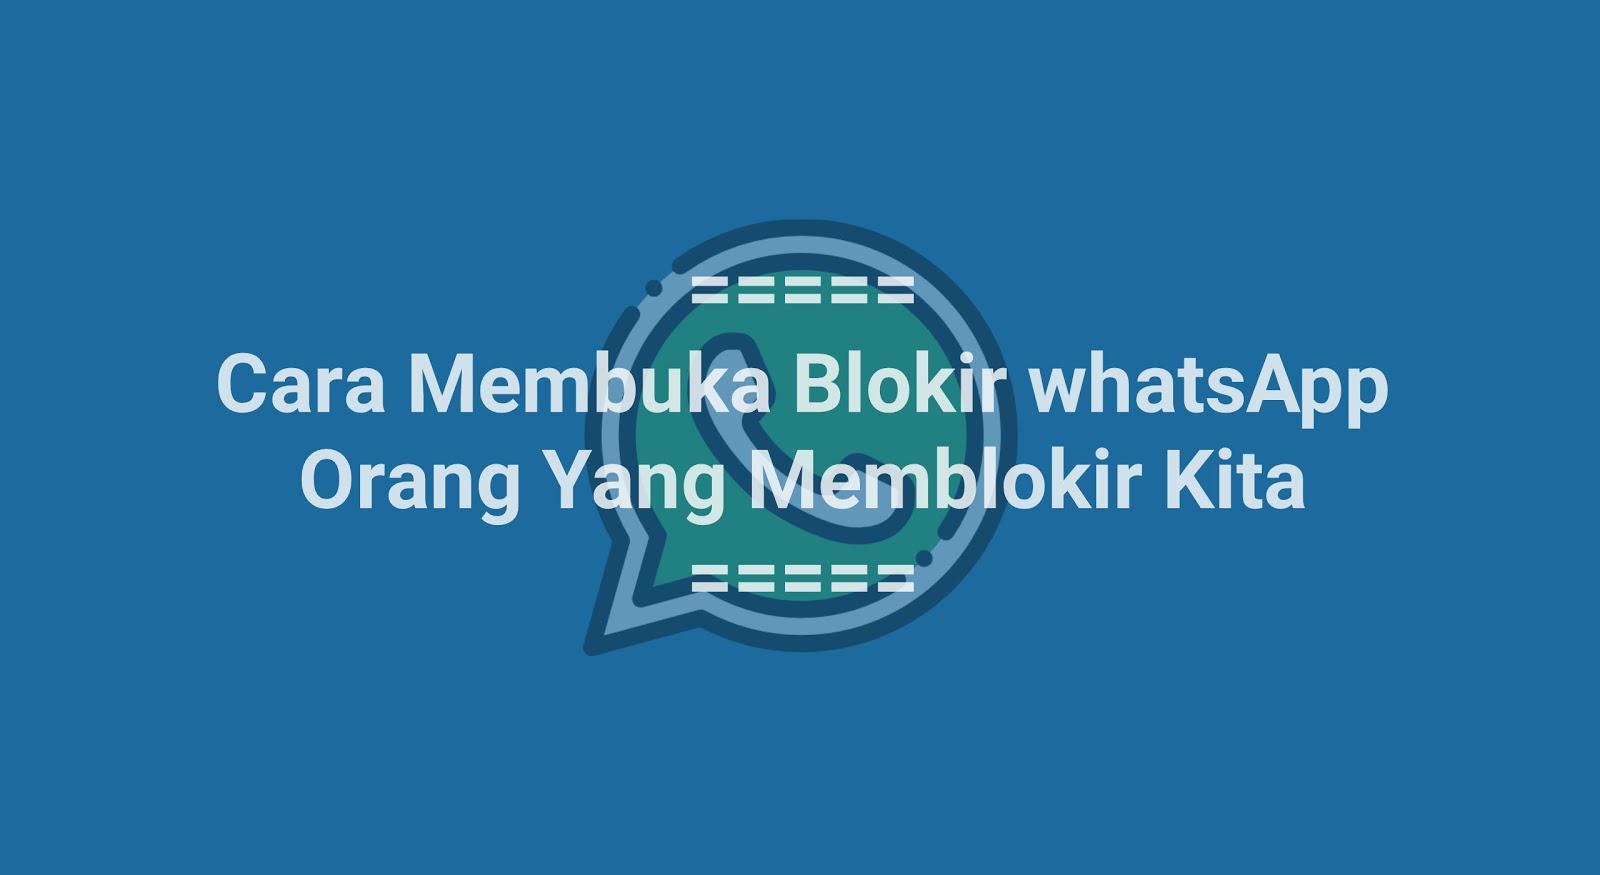 Cara Membuka Blokir WhatsApp Orang yang Memblokir Kita